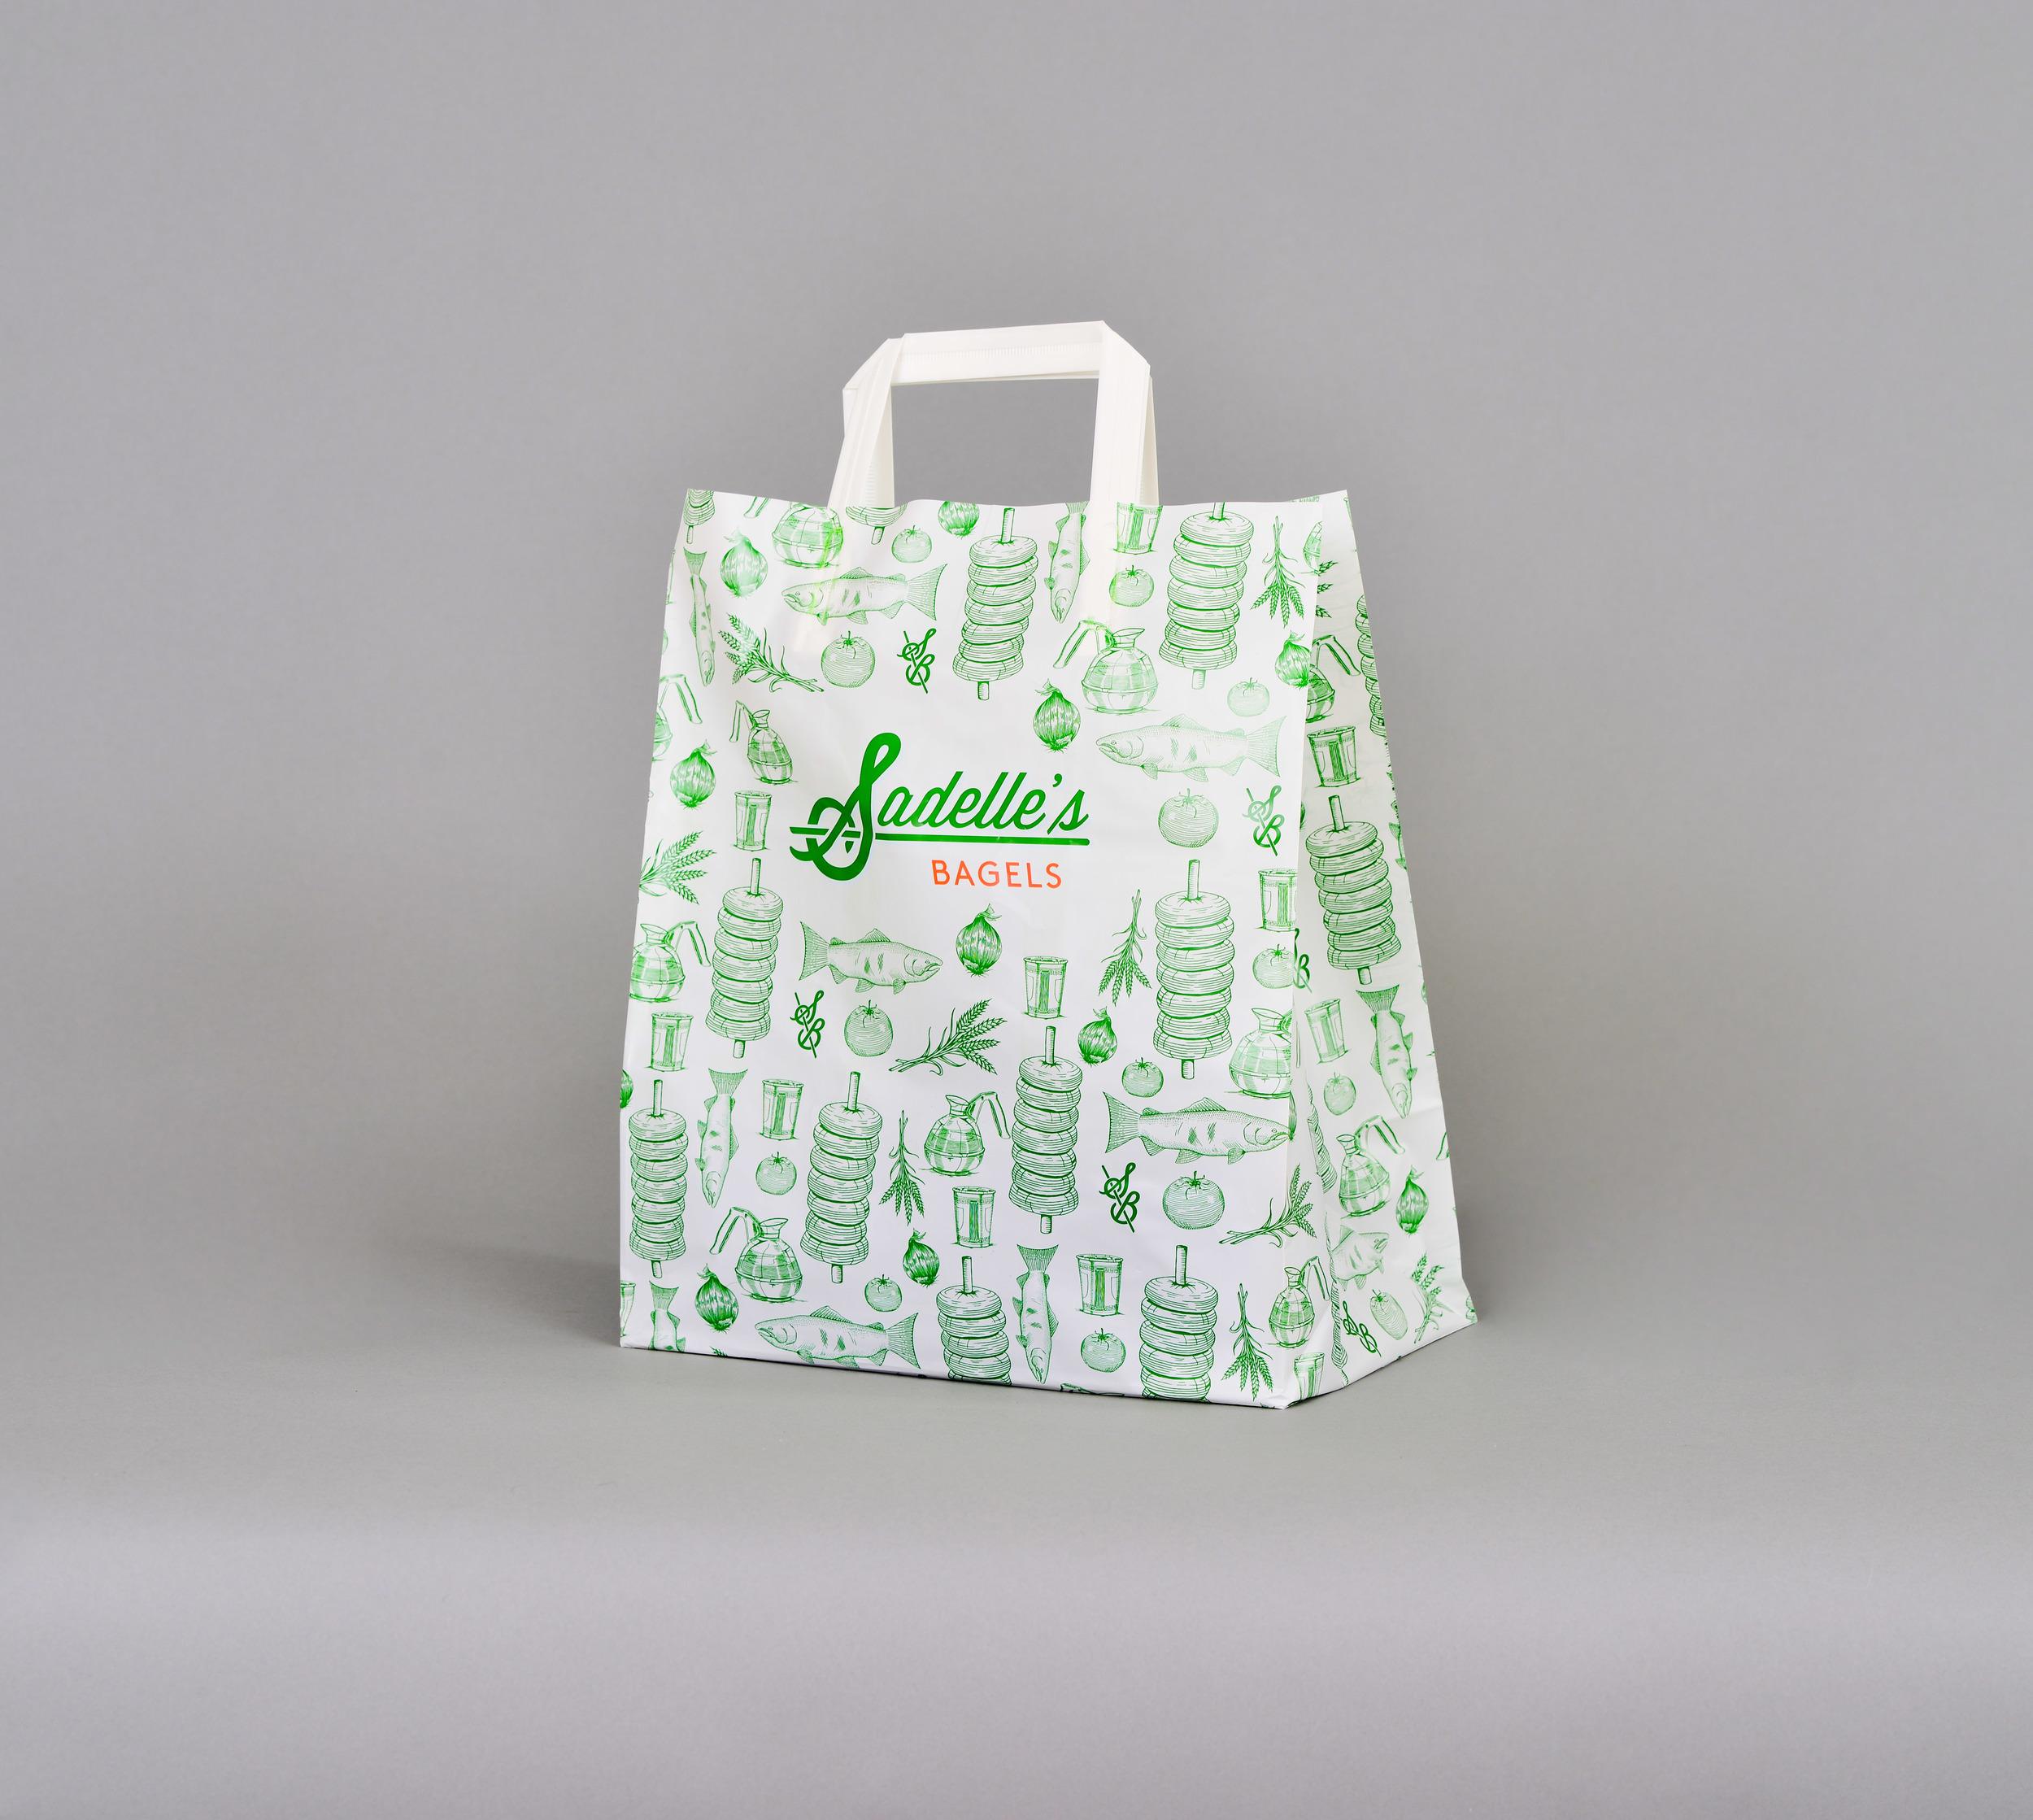 CPI Packaging - Sadelle's